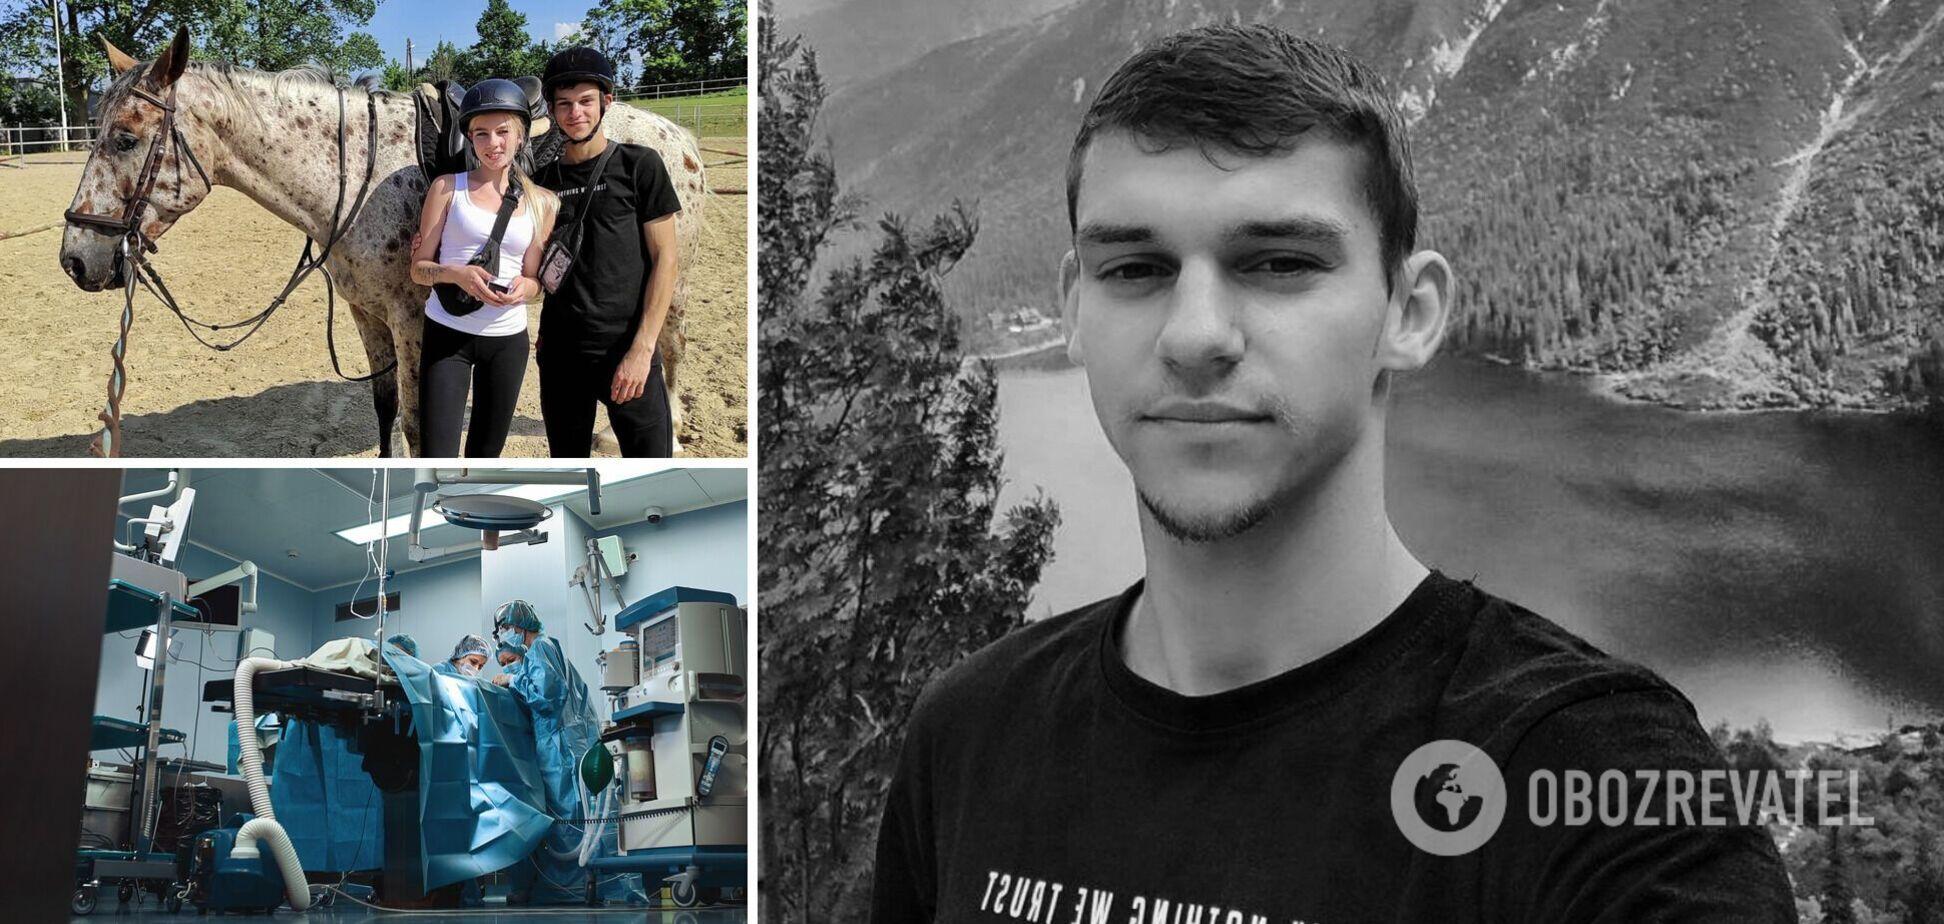 'Частинку тебе грітиму під серцем': у Польщі після пожежі помер молодий українець